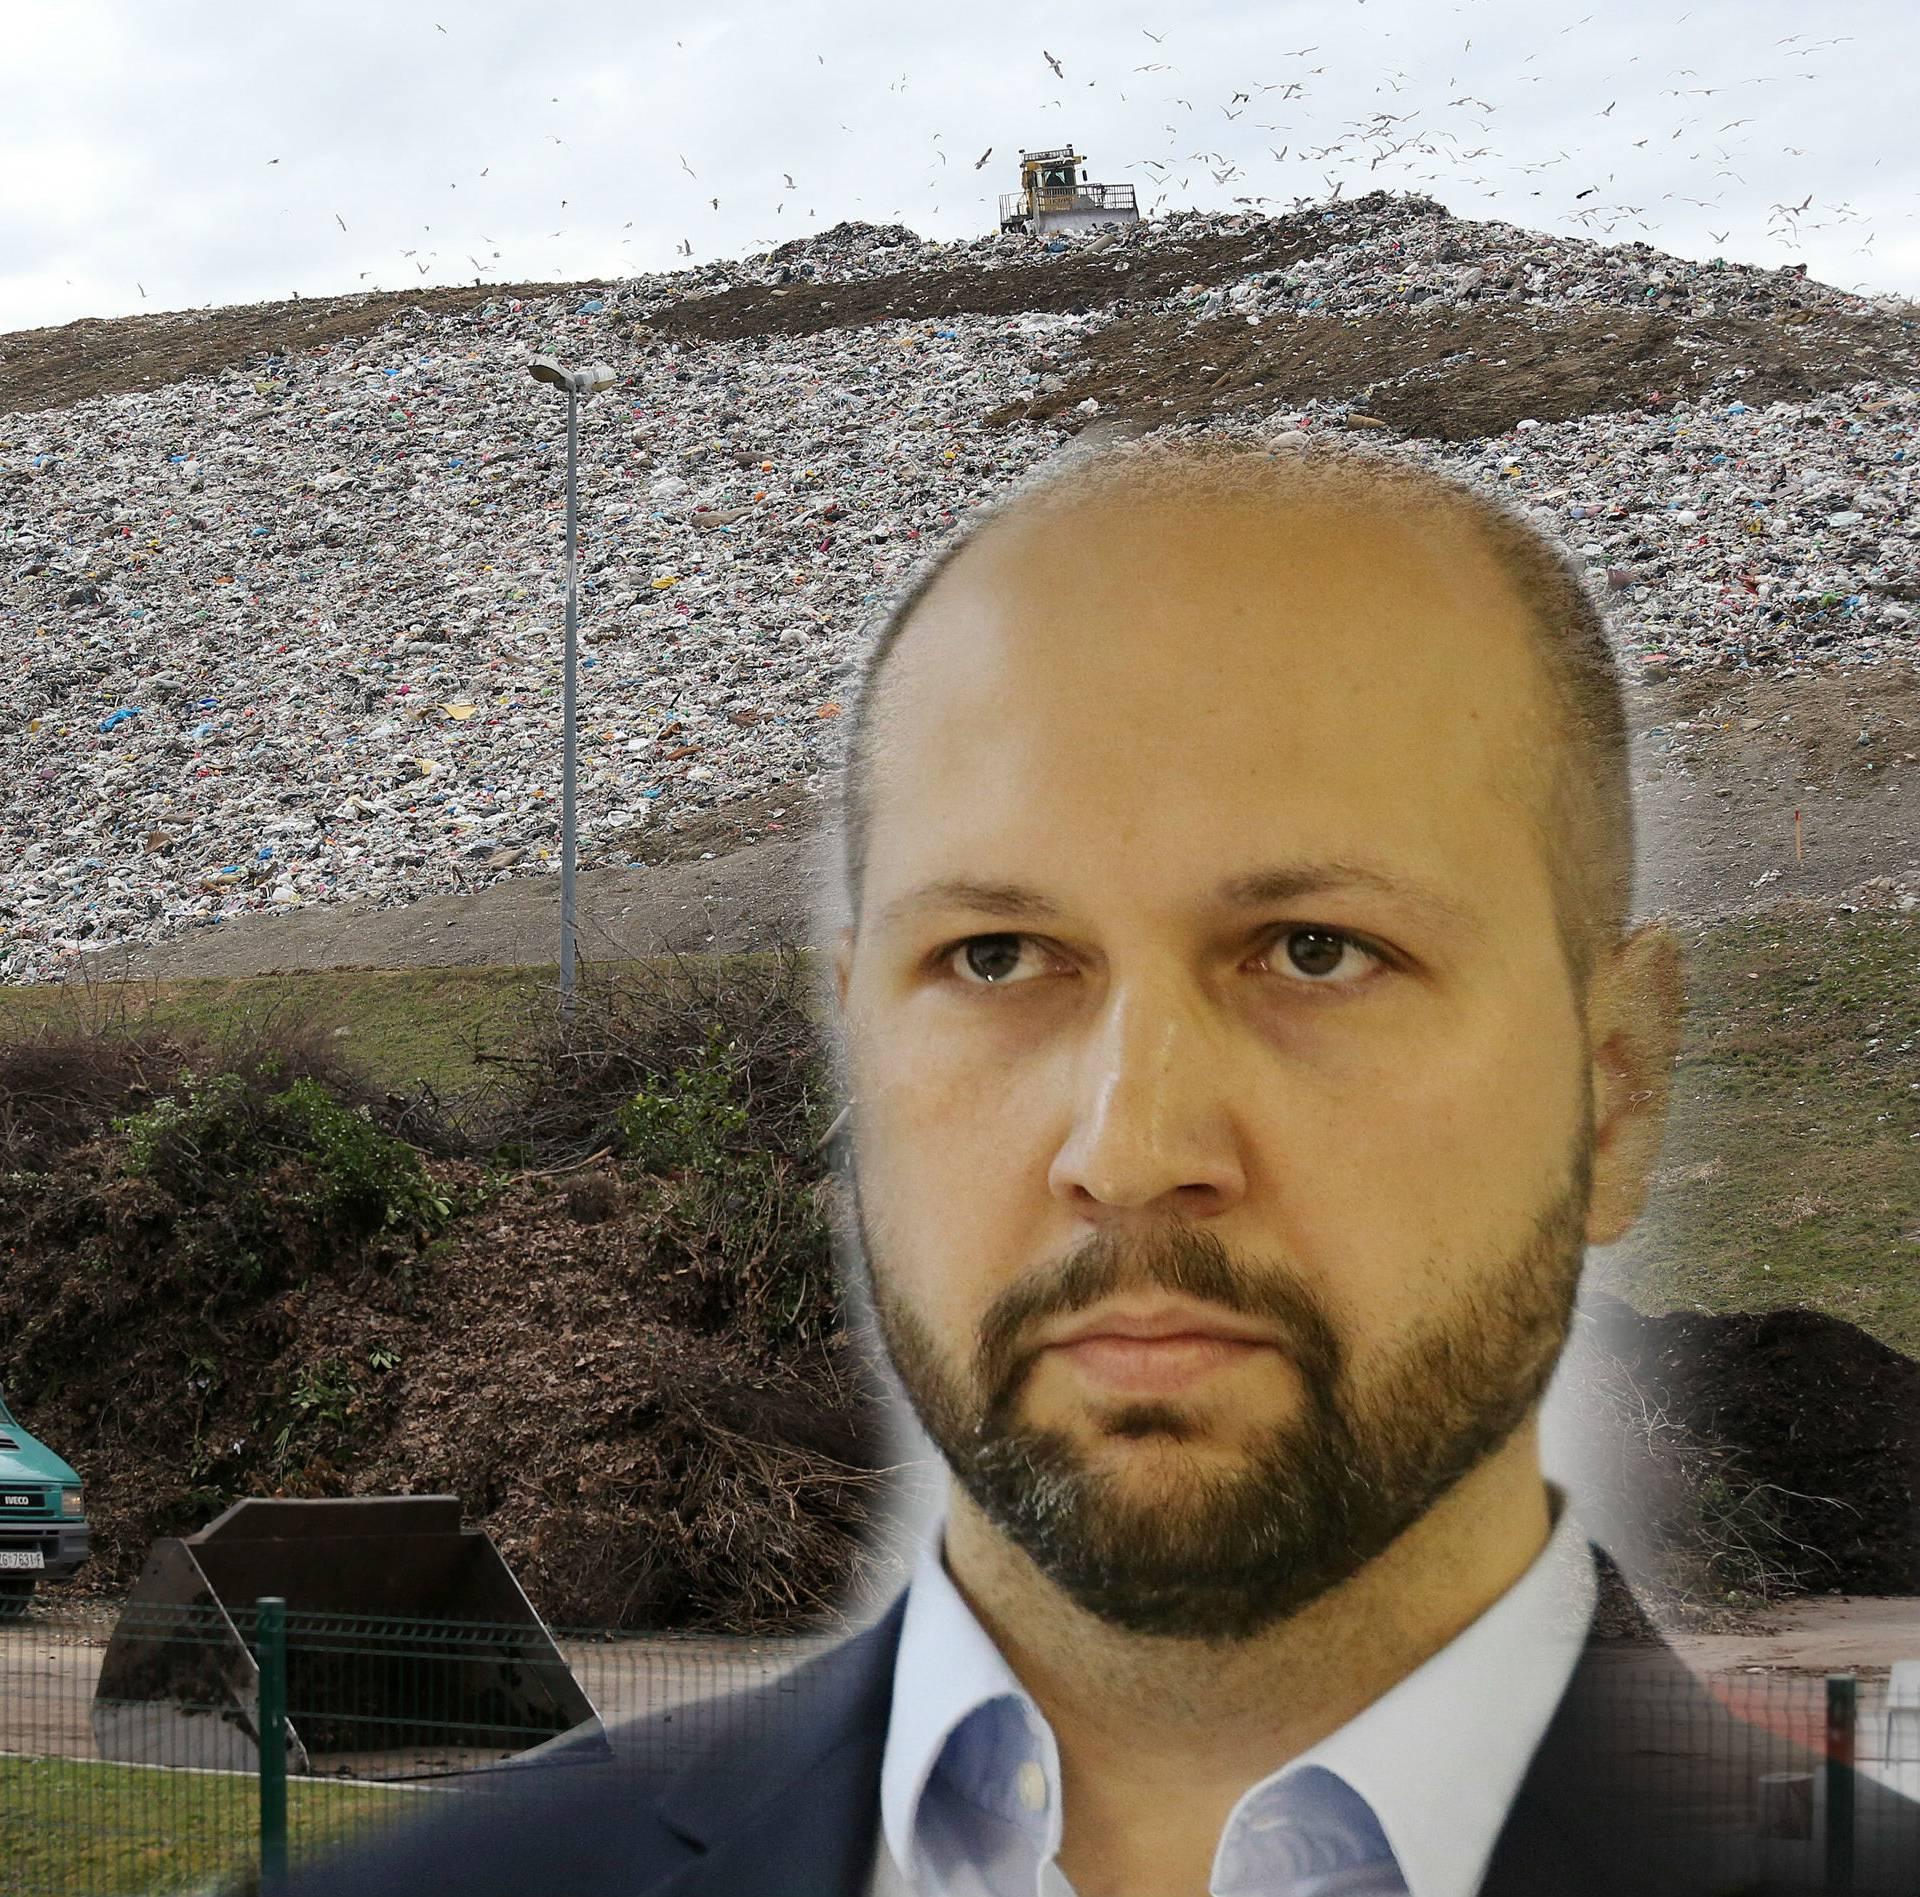 Za previsoke račune za odvoz smeća kriv je aktualni ministar